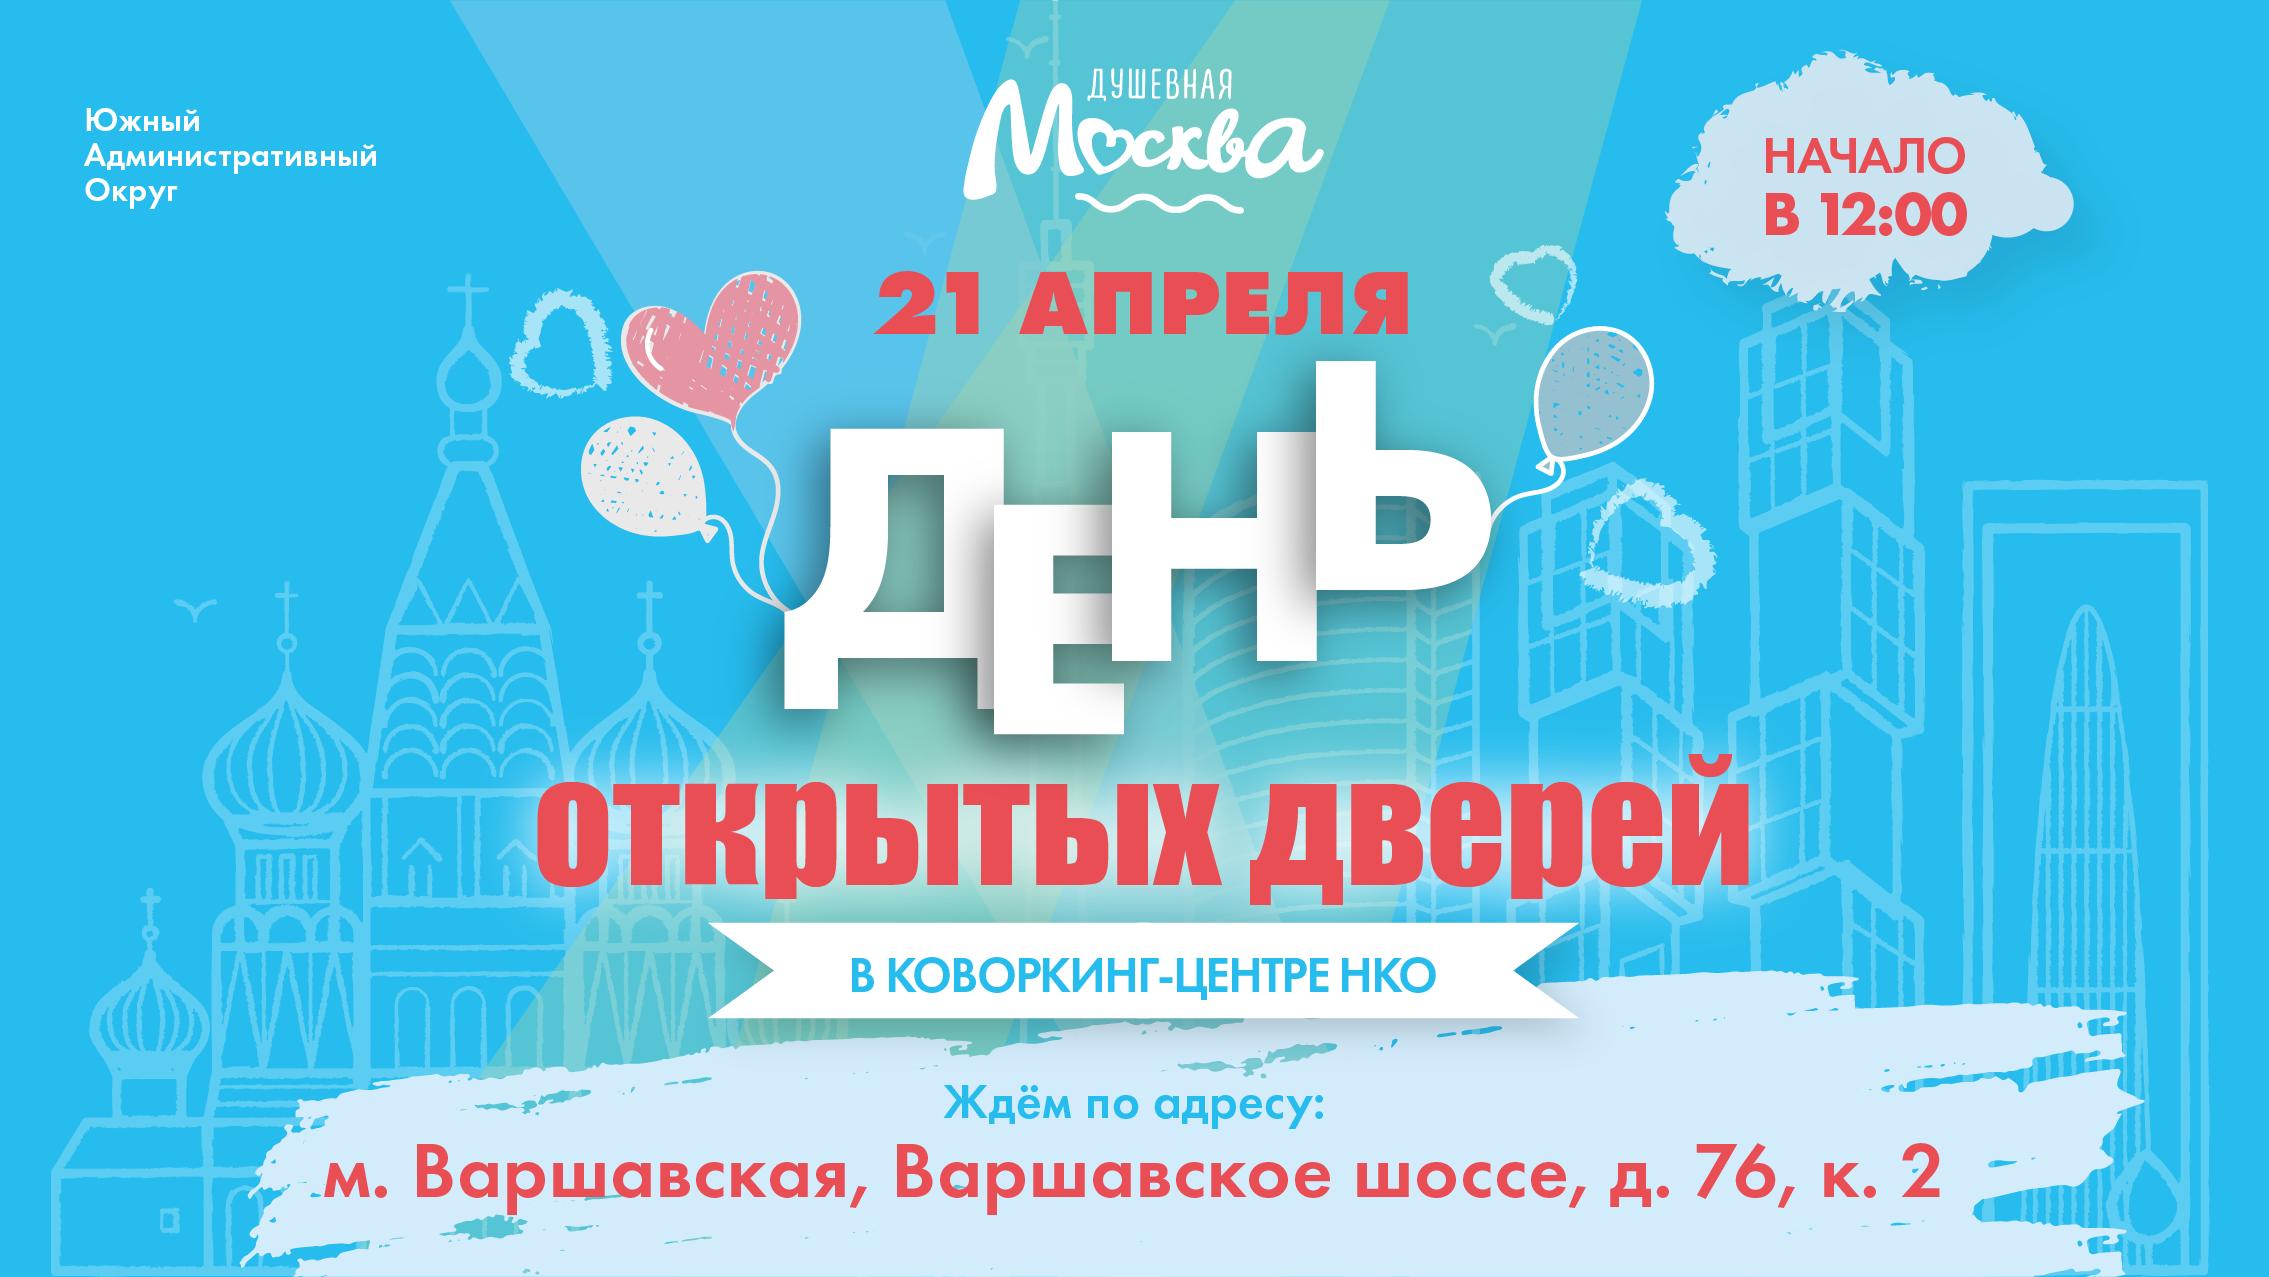 Коворкинг-центр НКО в ЮАО презентует москвичам свою деятельность